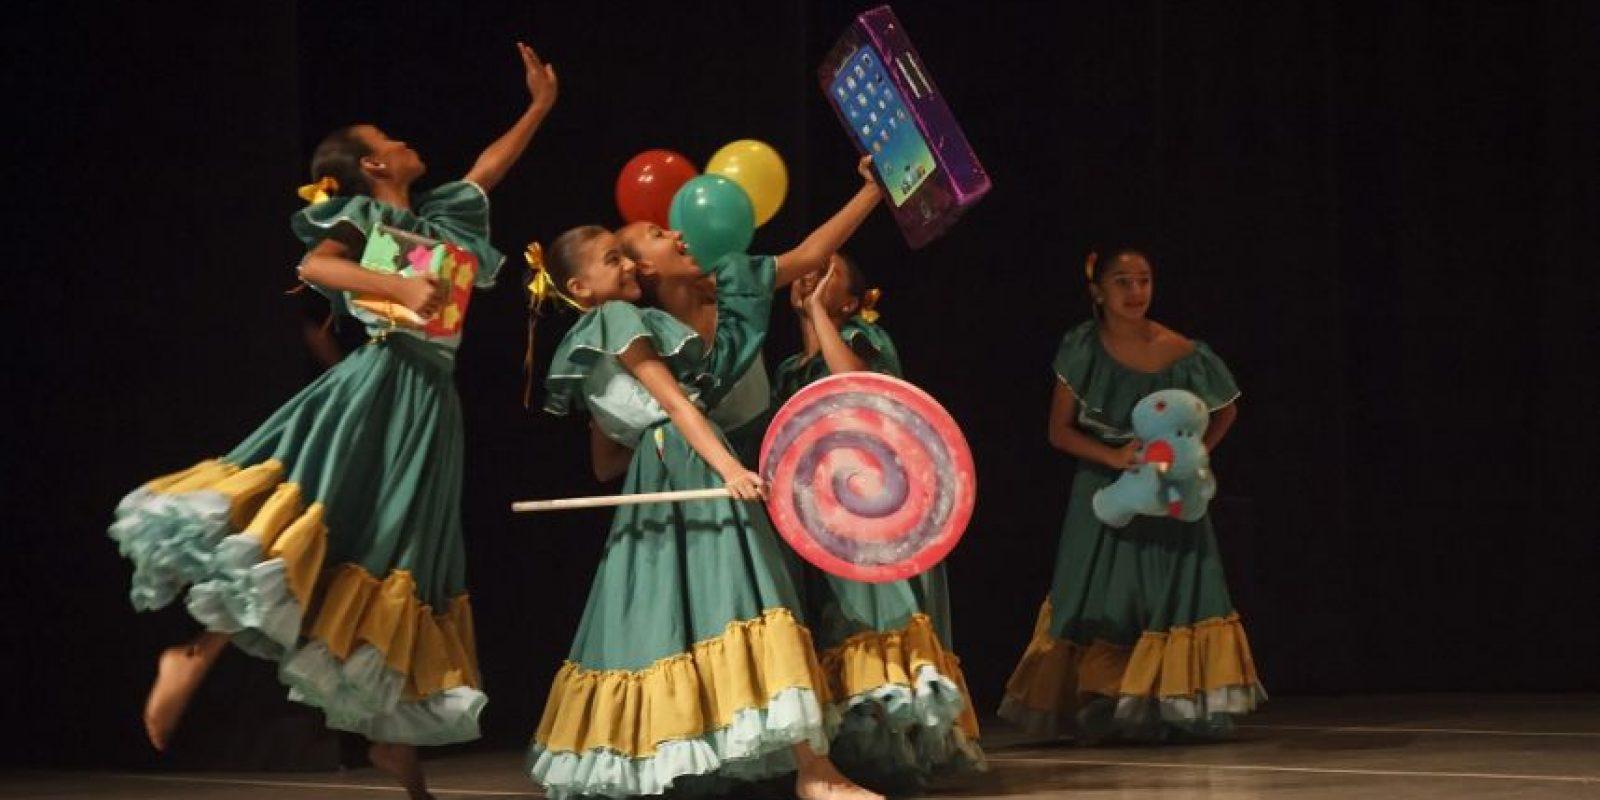 Es un espectáculo en el que tanto niños como jóvenes talentosos harán vibrar a los espectadores con los bailes más representativos del país en el Teatro Pablo Tobón Uribe. Foto:Cortesía Ballet Folklórico de Antioquia.